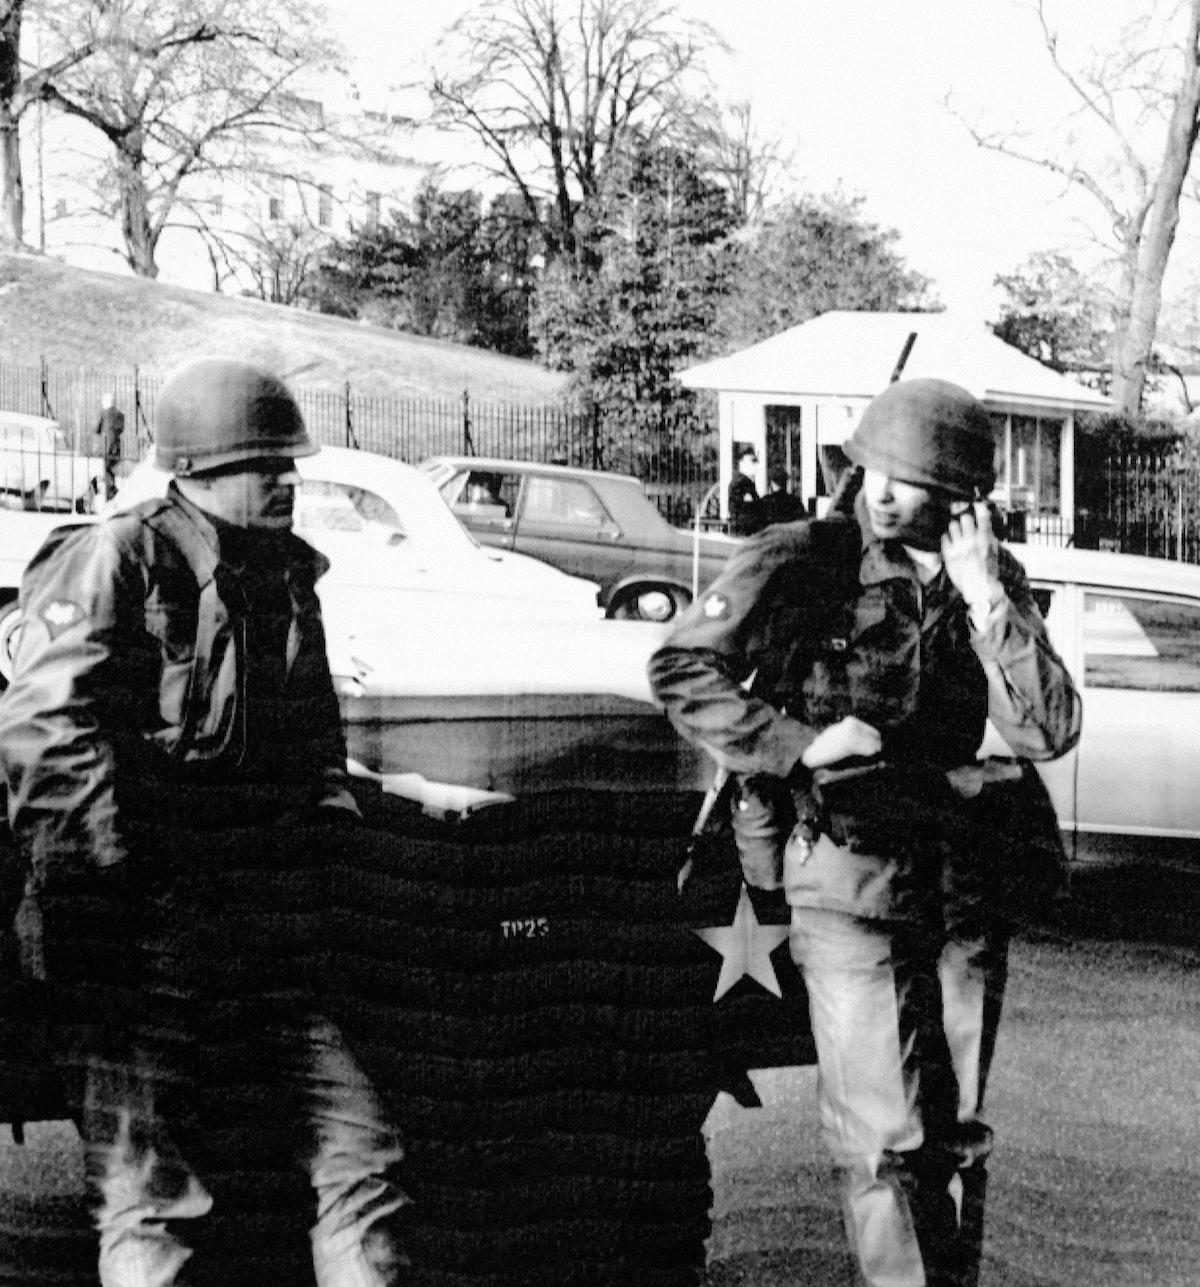 جنديان أميركيان في قوة الحماية لمبنى الكابيتول. 6 مايو 1969 - AFP